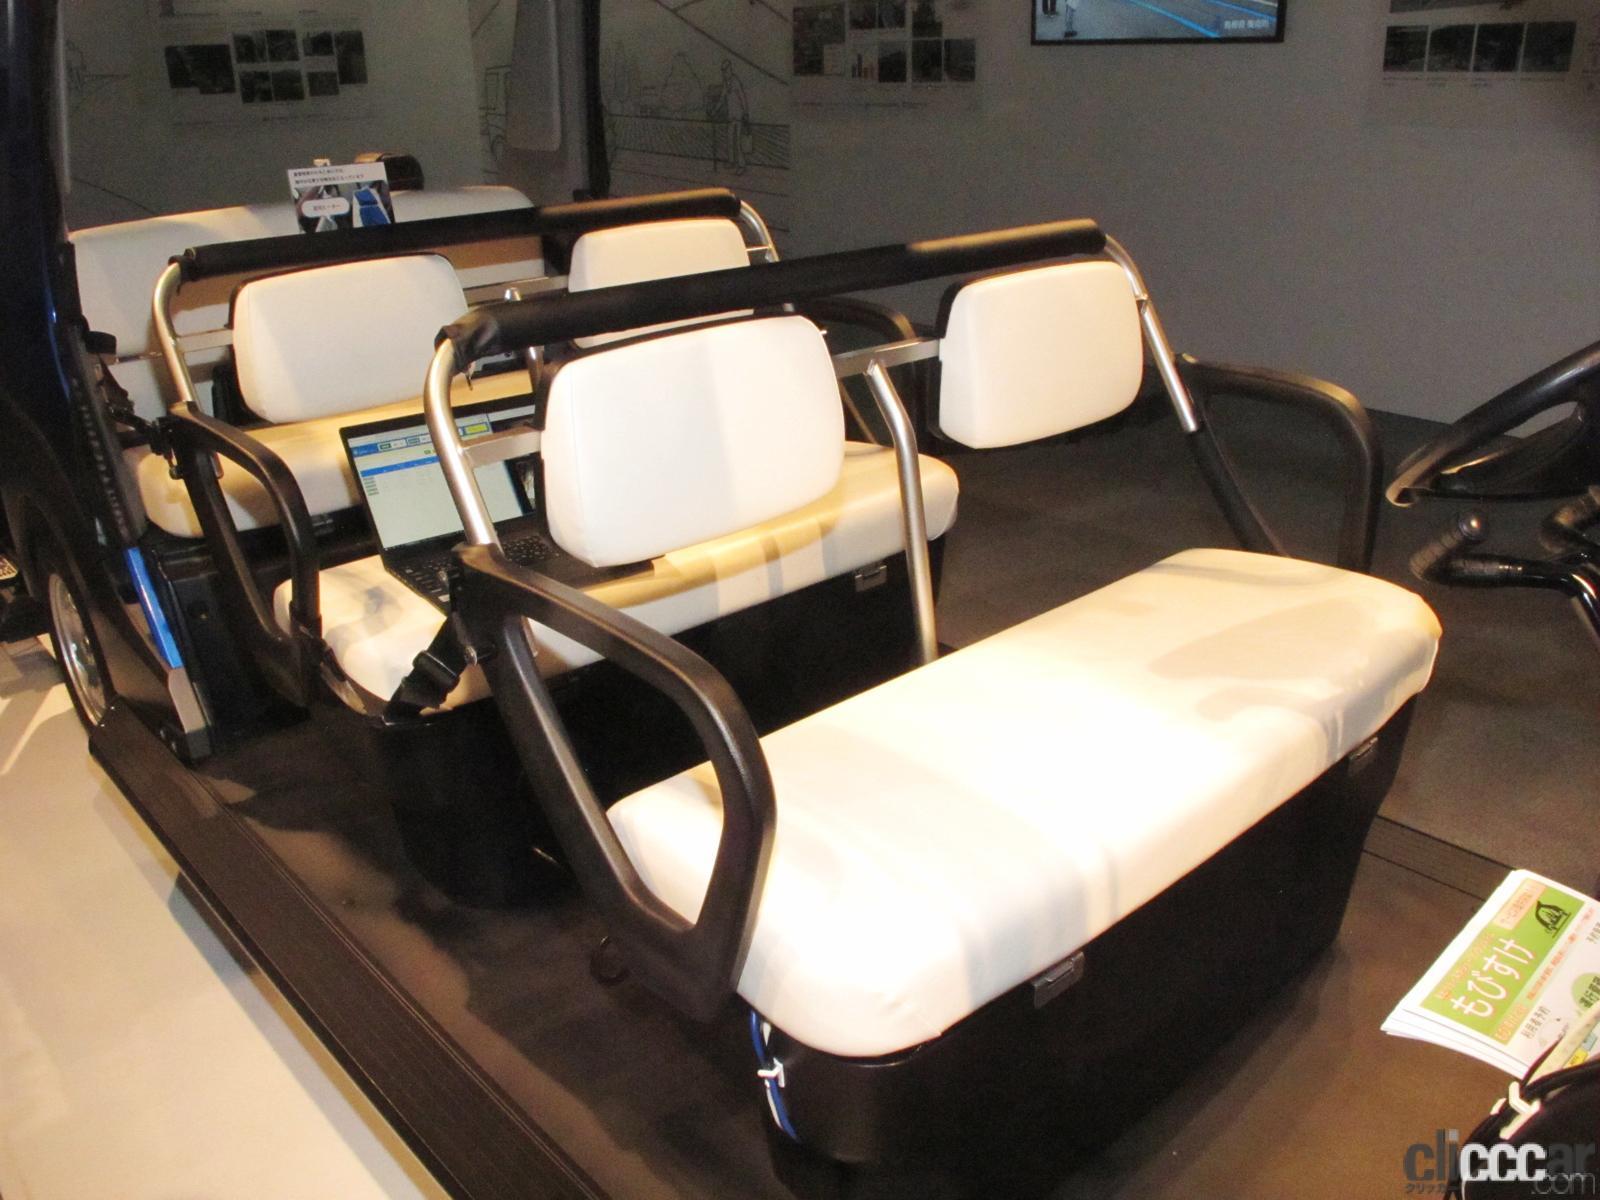 「清水和夫が解説!日本が進める「自動運転の今」はどんな技術で、どう使うのか?【SIP第2期 自動運転 中間成果発表会】」の23枚目の画像